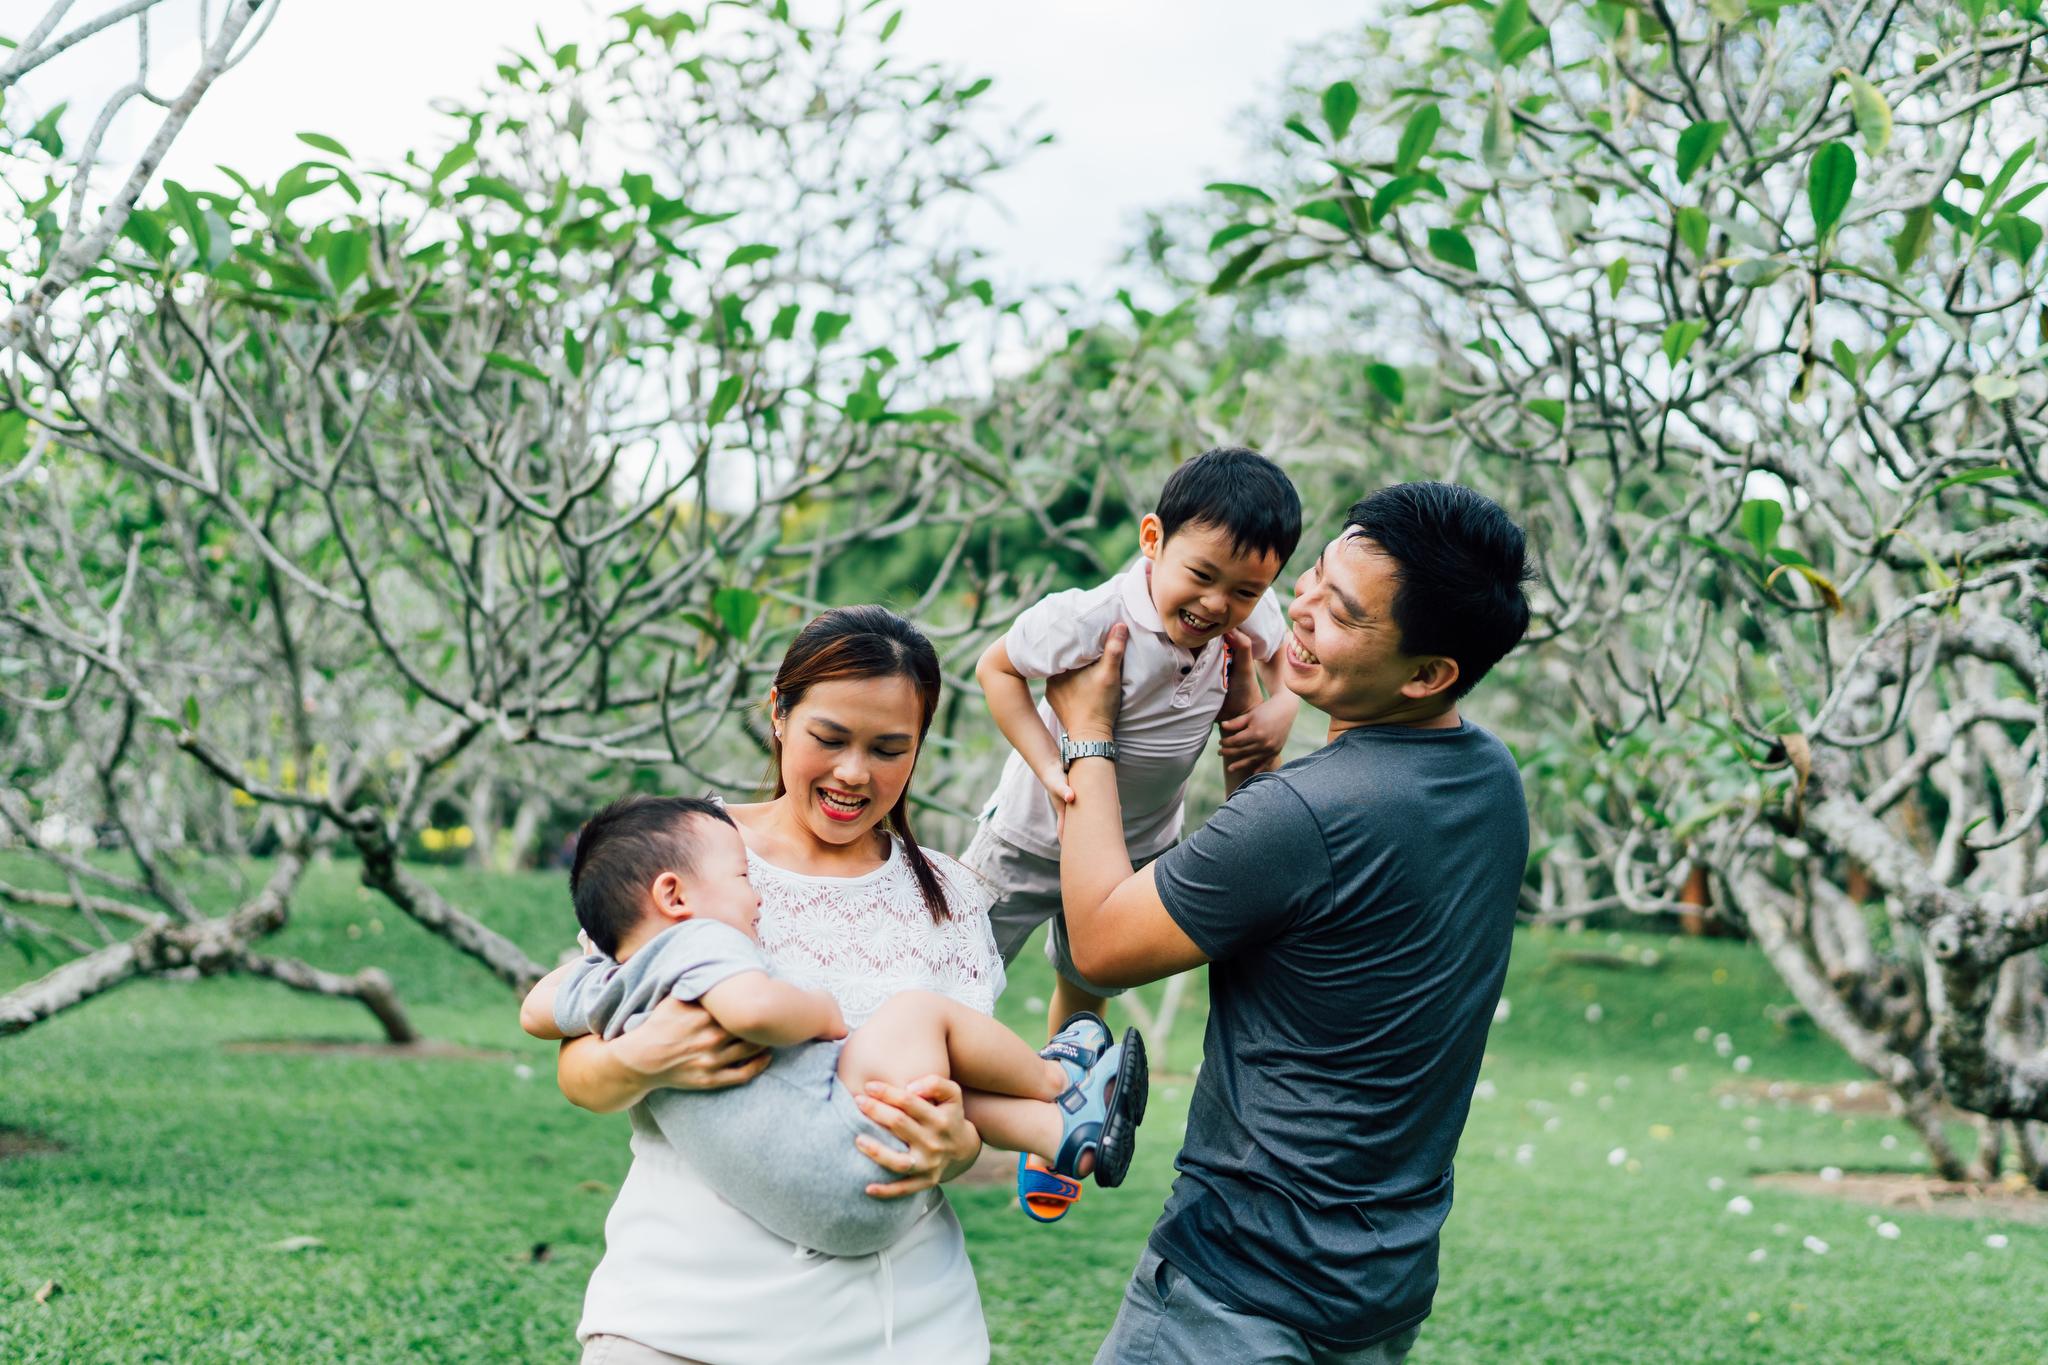 Jayden & Faith Family Photoshoot (27 of 76).JPG